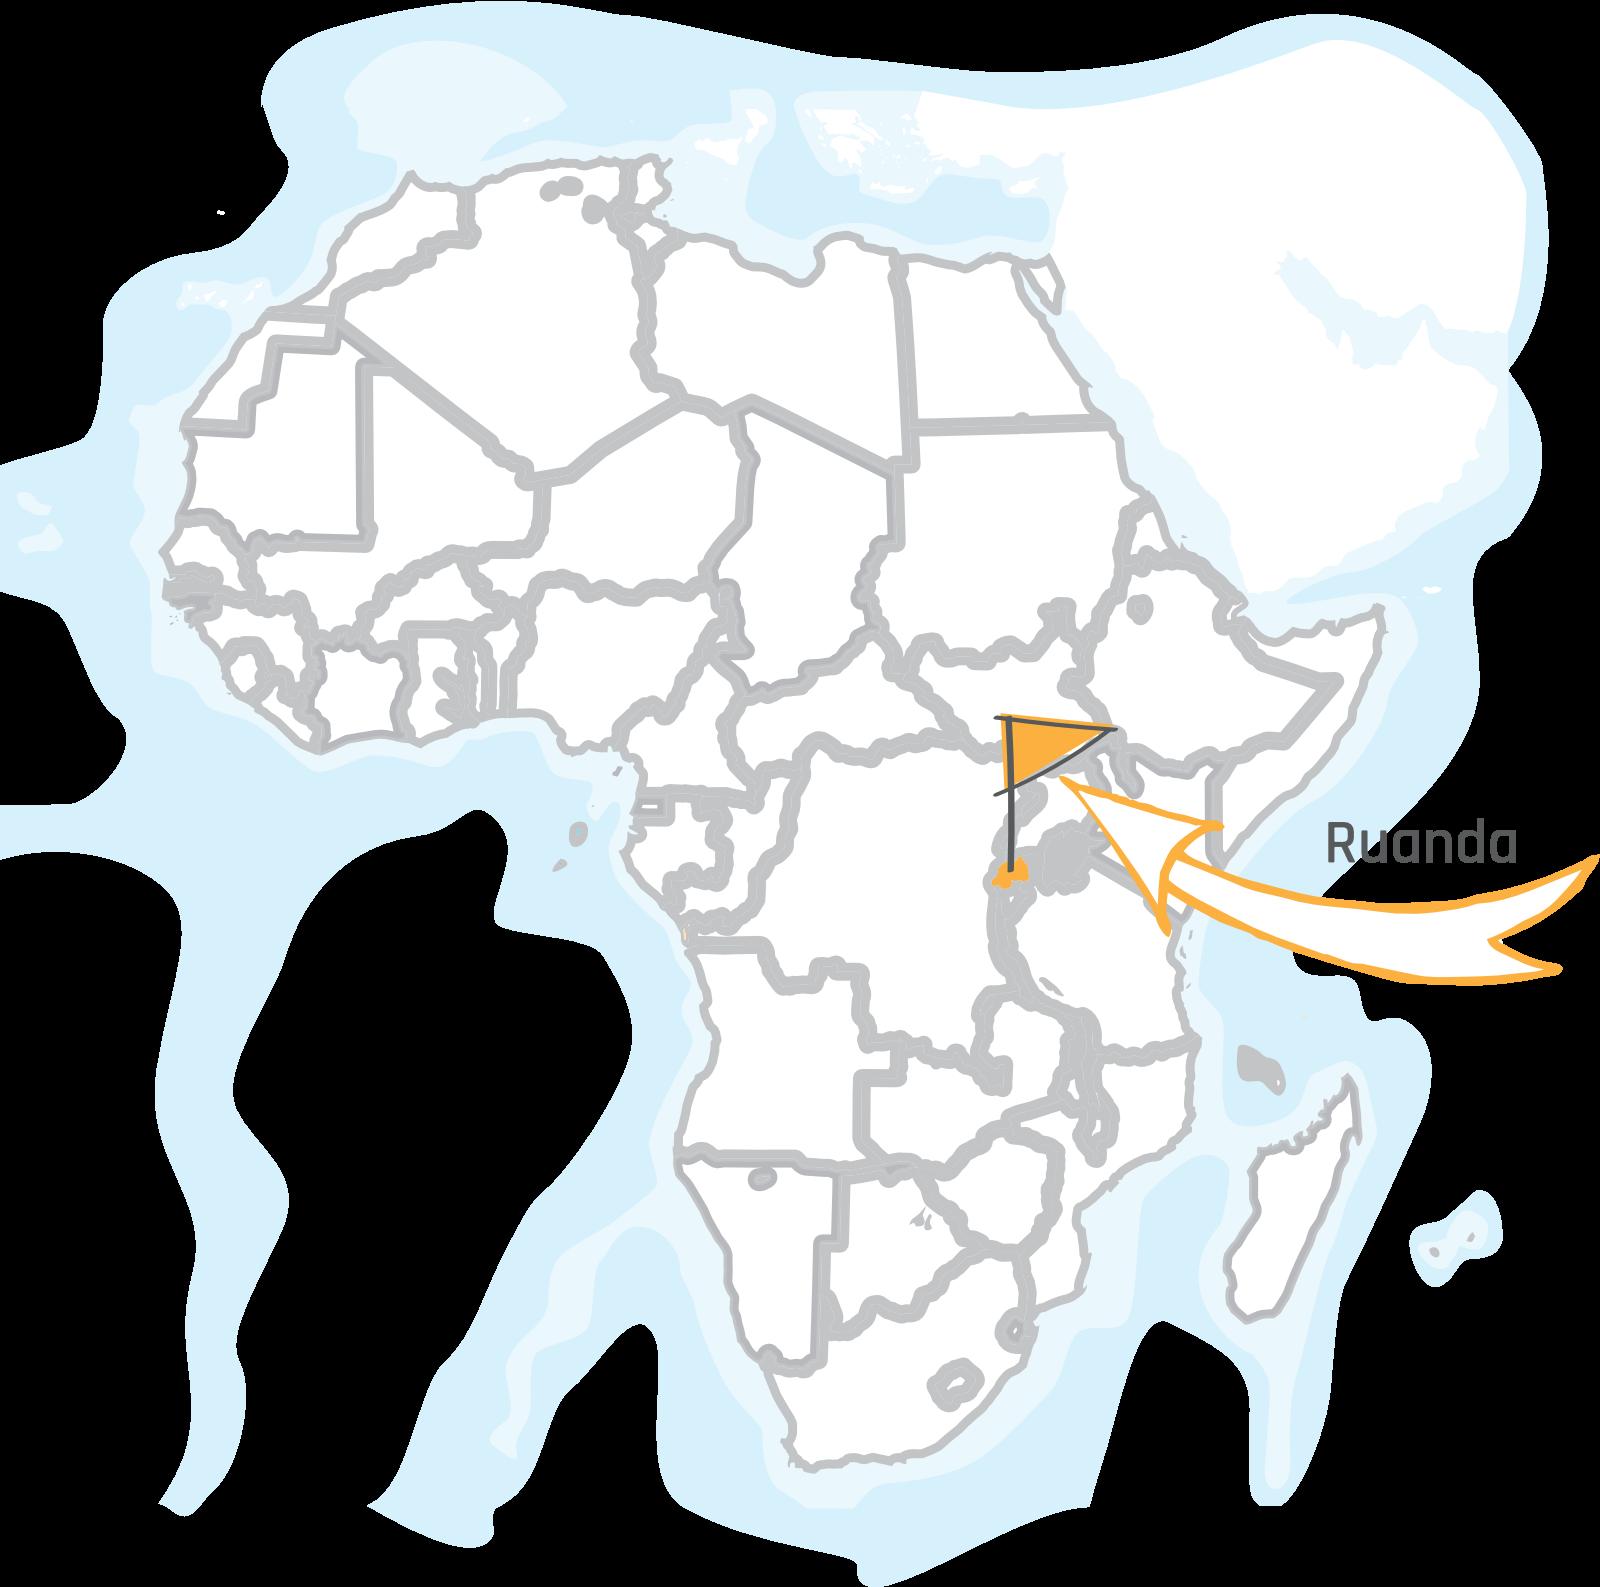 Ruanda auf dem afrikanischen Kontinent